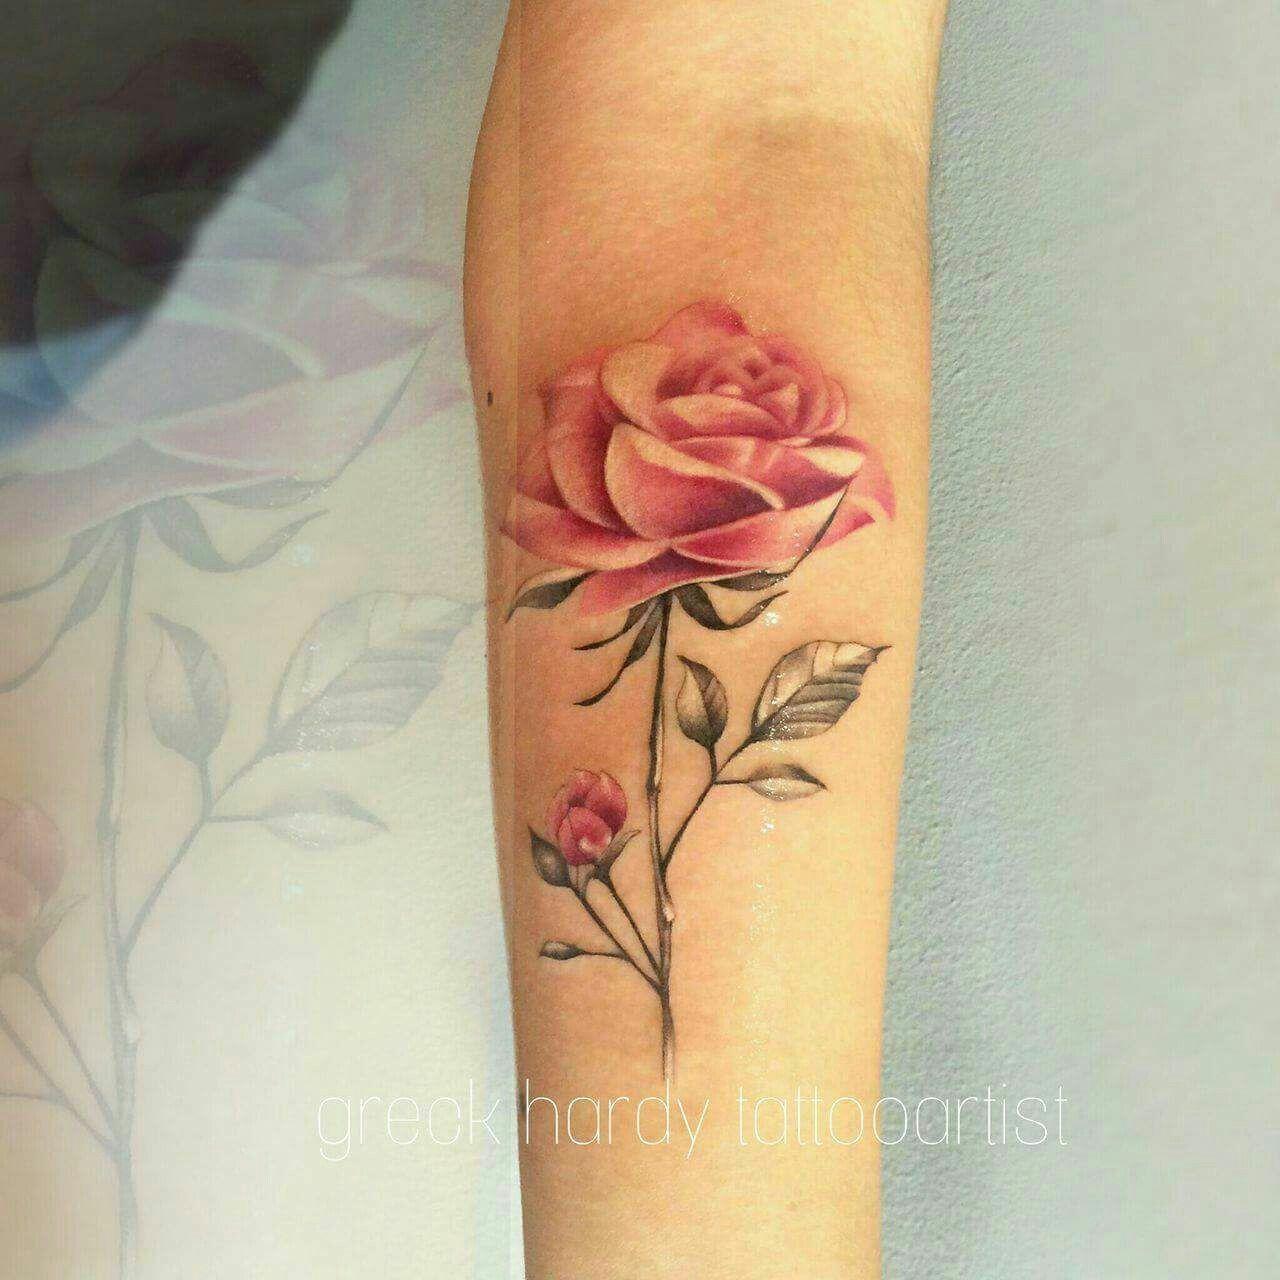 Tatuaje Rosa By Grek Hardy Tatuadorespoblanos Tattoos